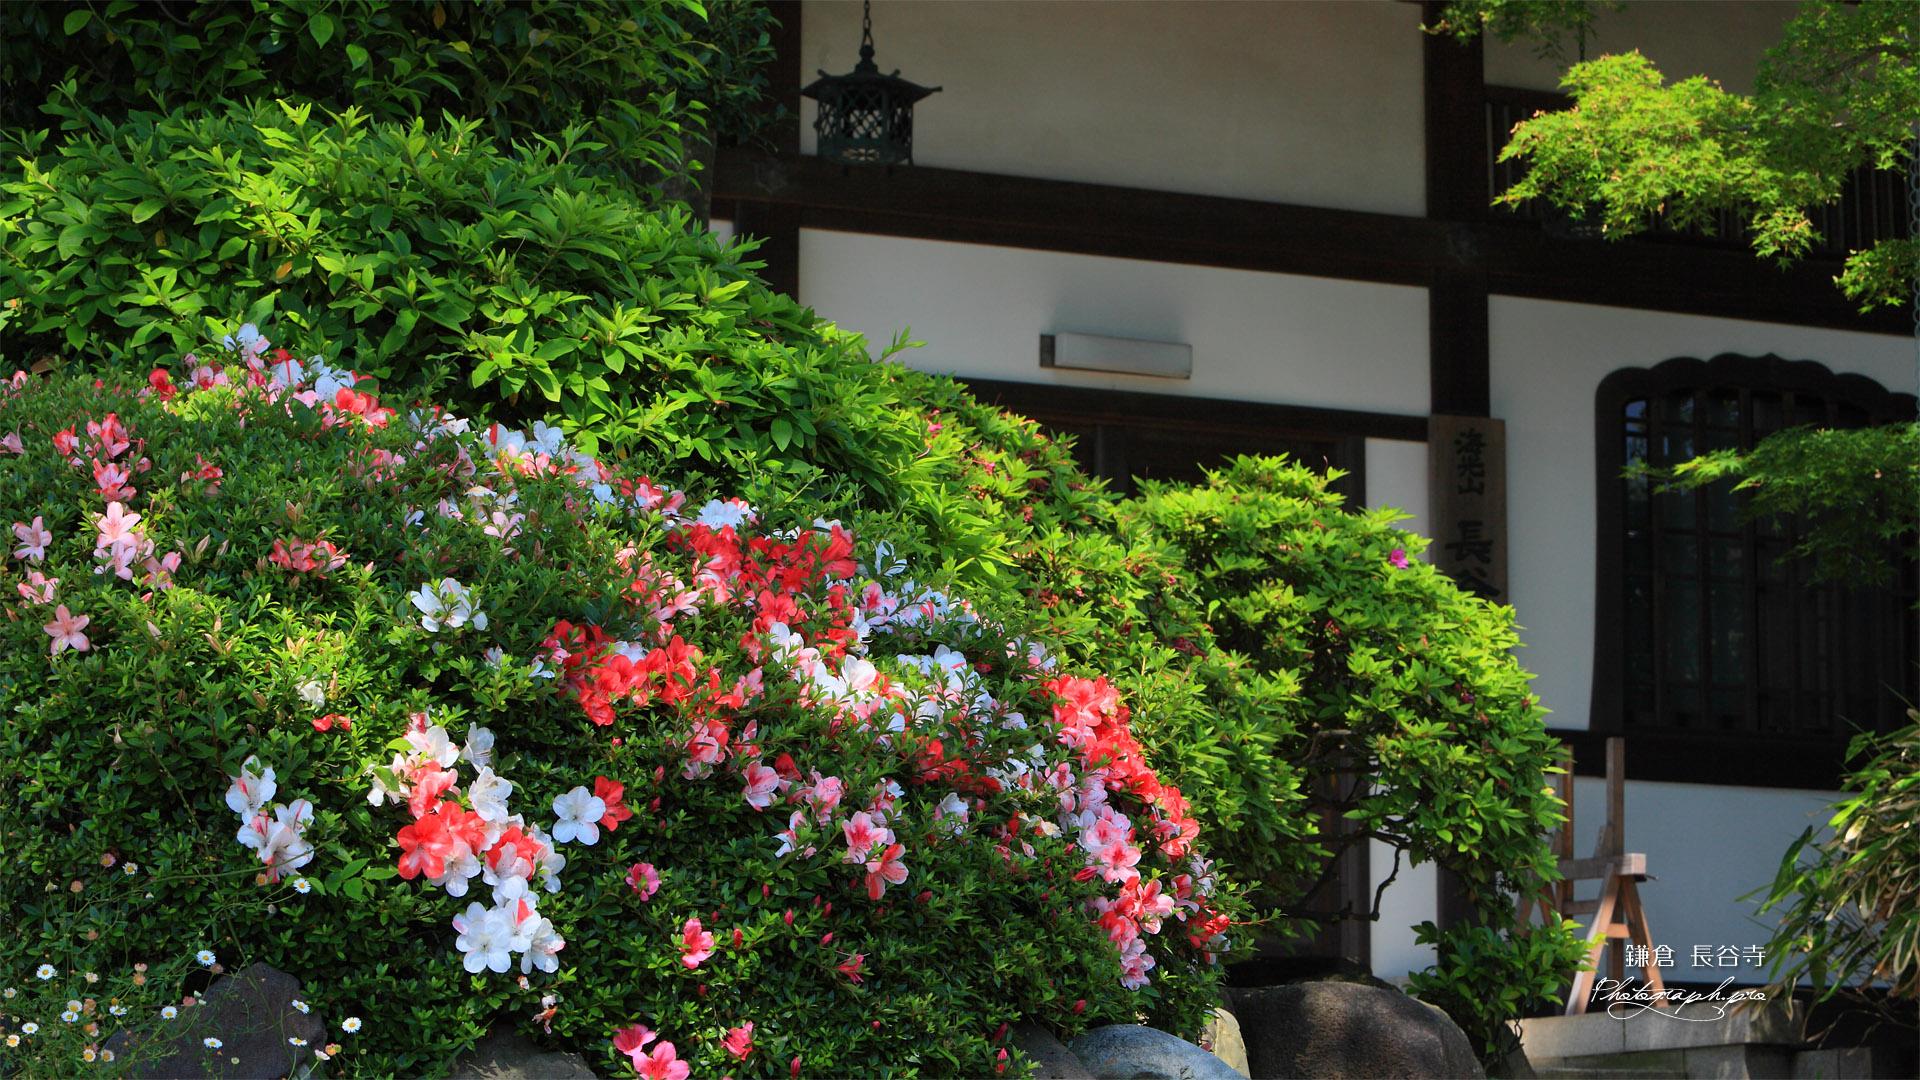 鎌倉長谷寺のサツキと寺務所